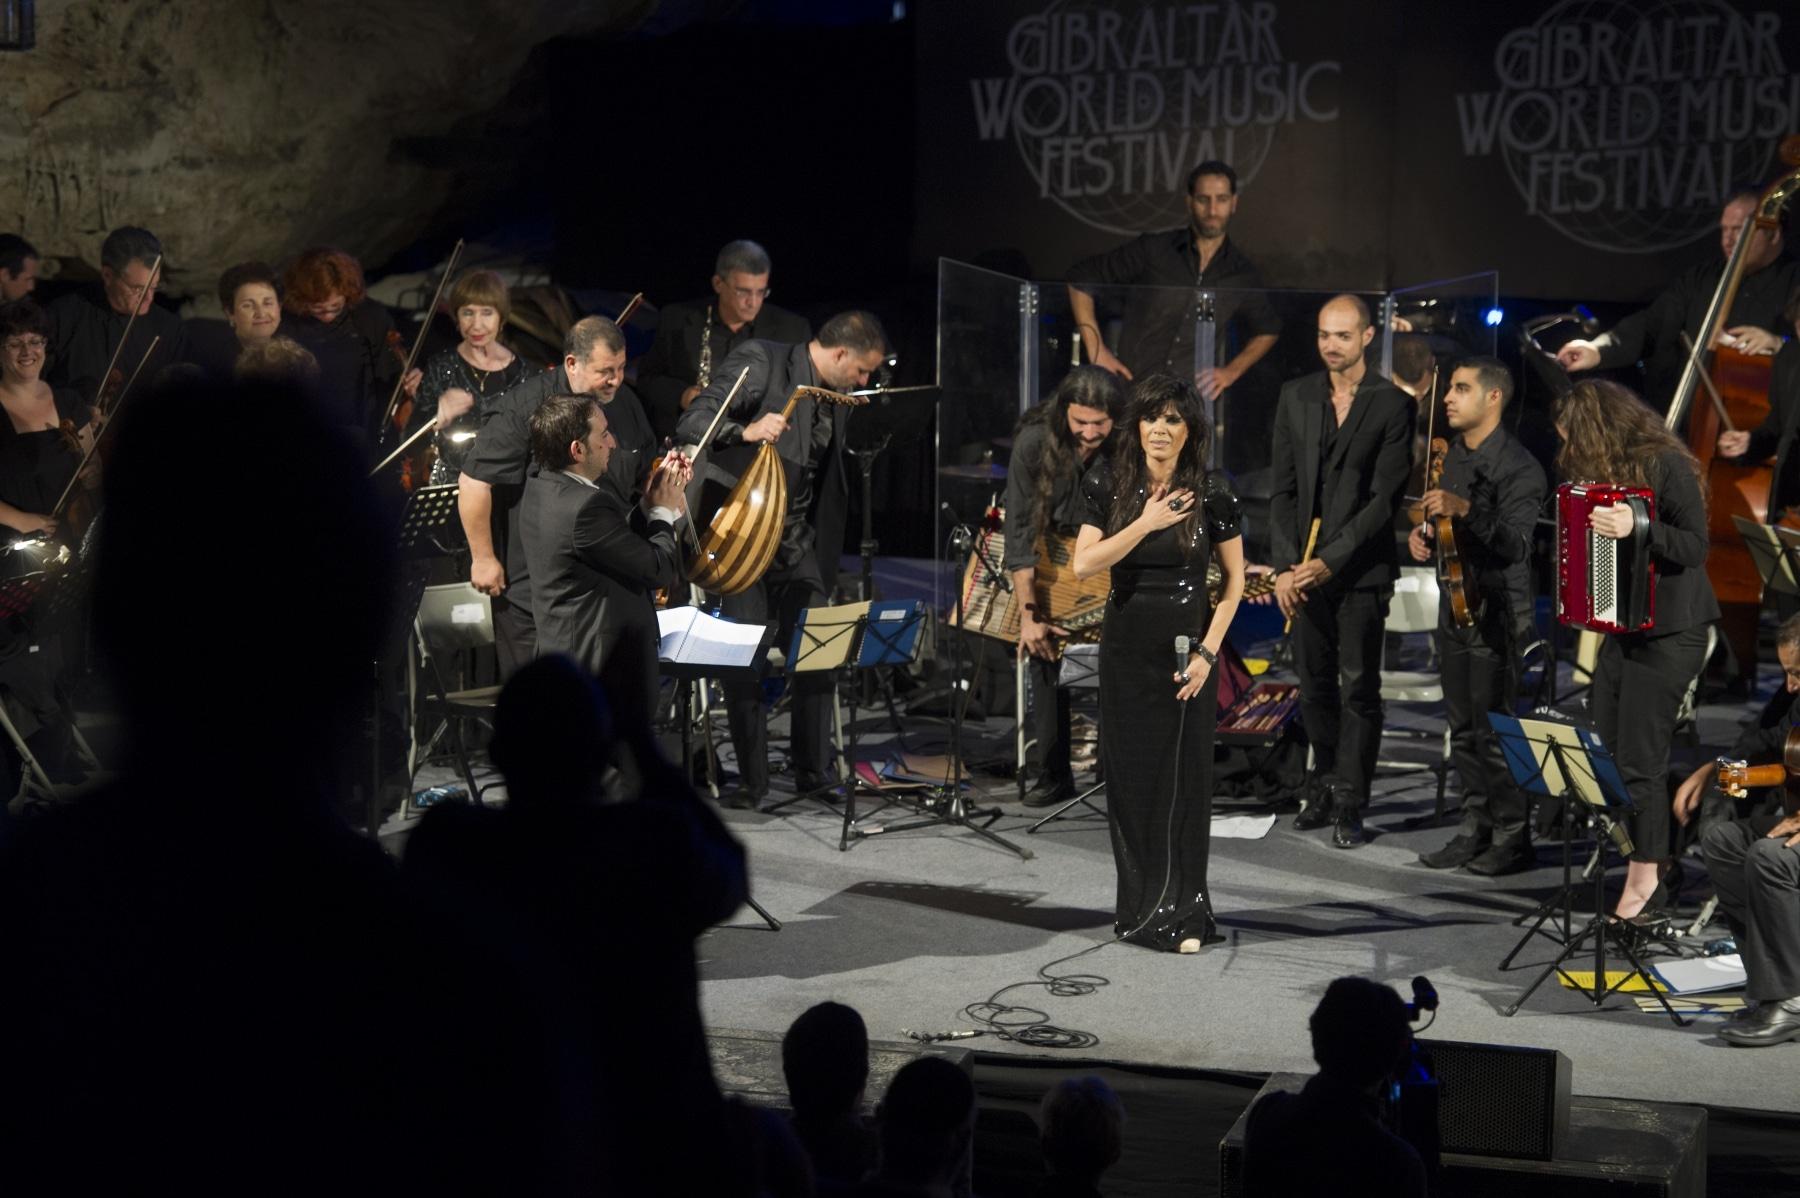 gibraltar-world-music-festival-dia-2-yasmin-levy-mediterranean-andalusian-orchestra-ashkelon-35_9225504518_o